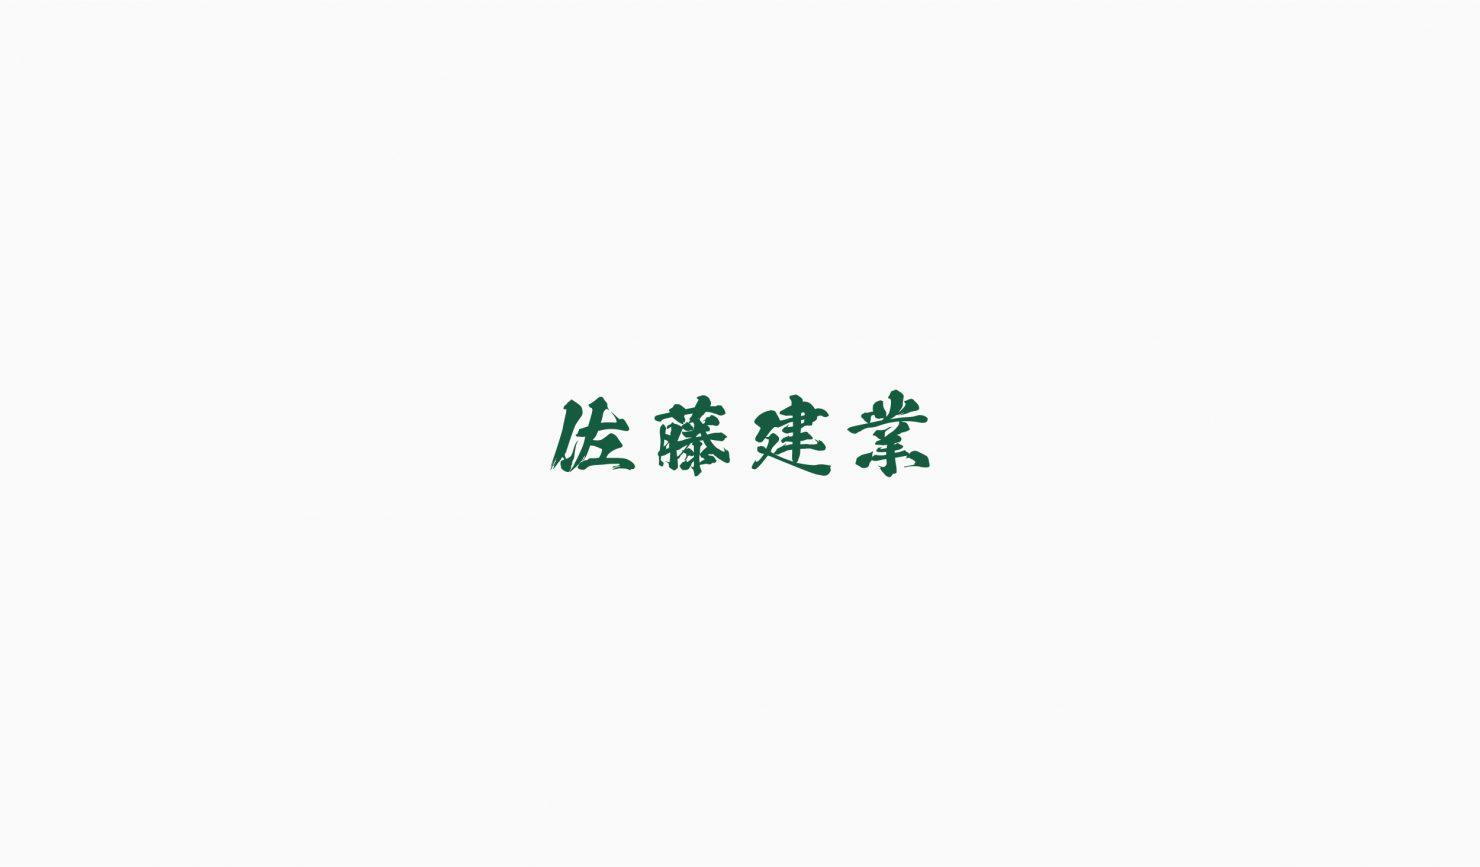 佐藤建業様ロゴデザイン事例3